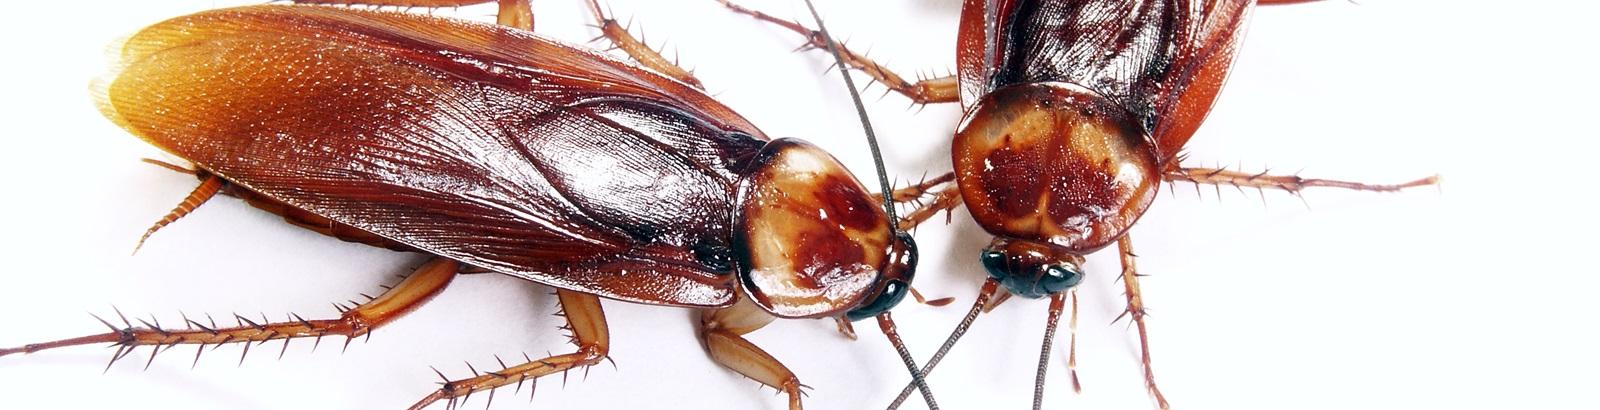 Insekten schabenähnliche Verhandlung im